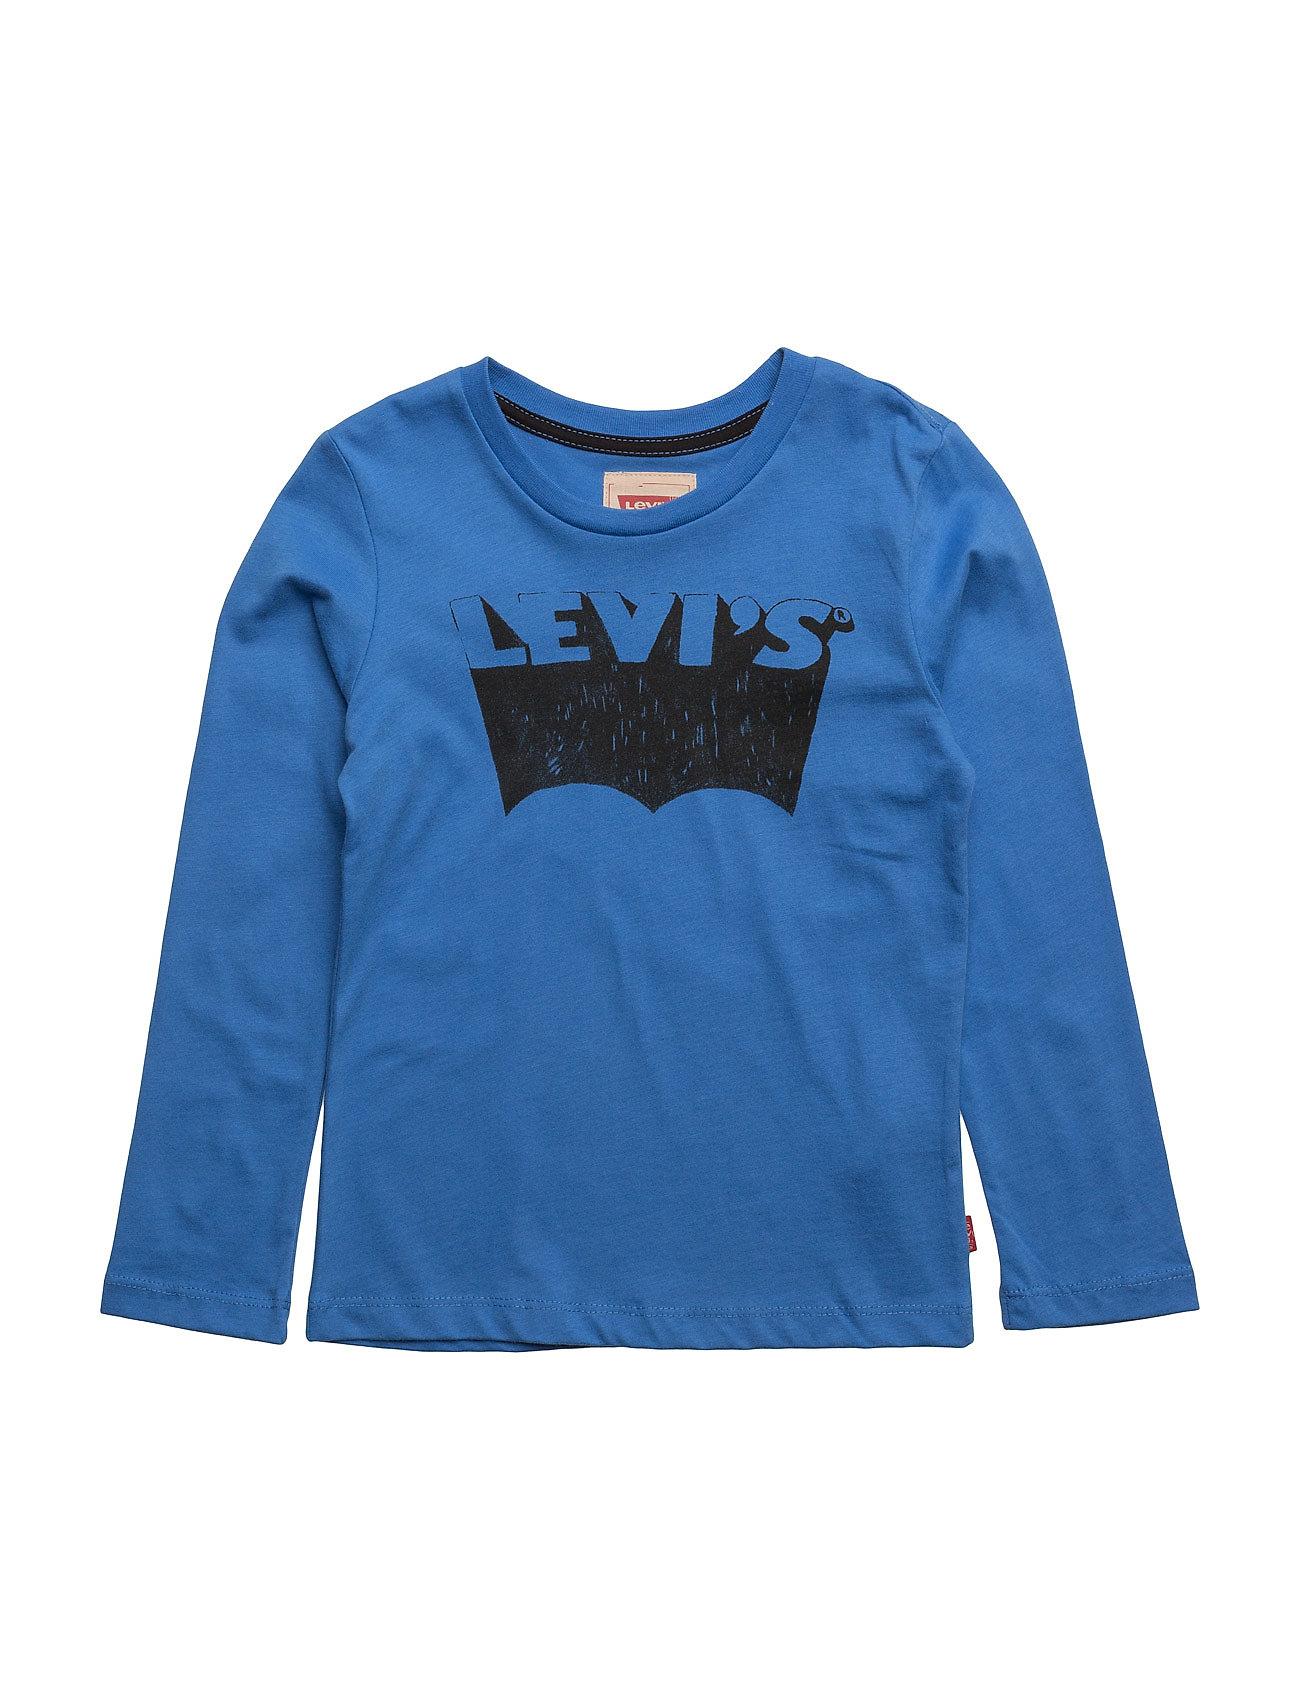 Ls Tee Bat Levi's Kids Langærmede t-shirts til Børn i turkis